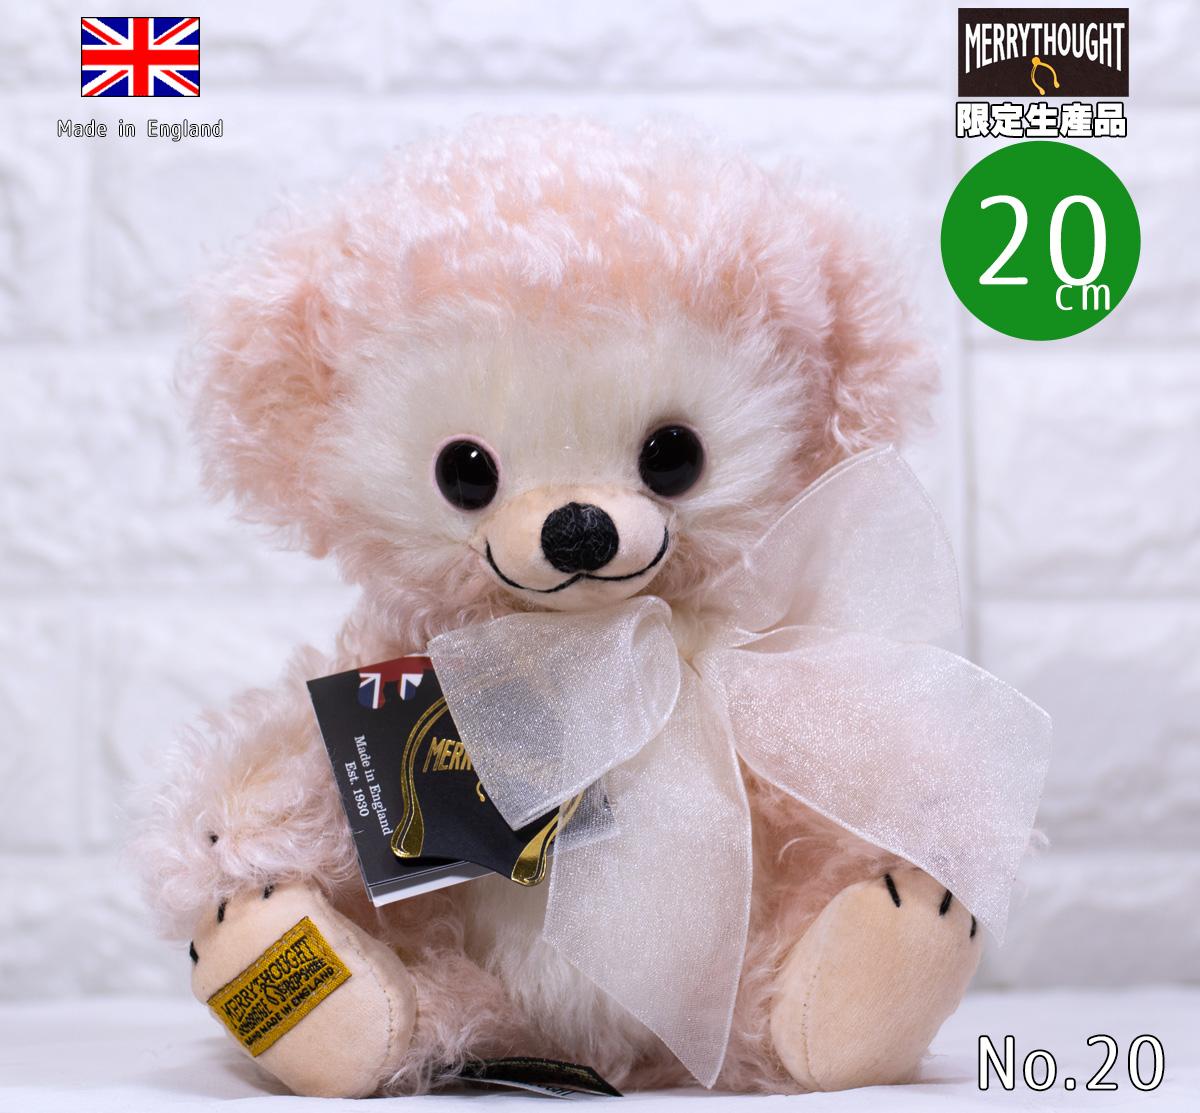 2019年世界限定 チーキーオッティリーオウル 20cm テディベア ぬいぐるみ プレゼント コレクション クリスマス